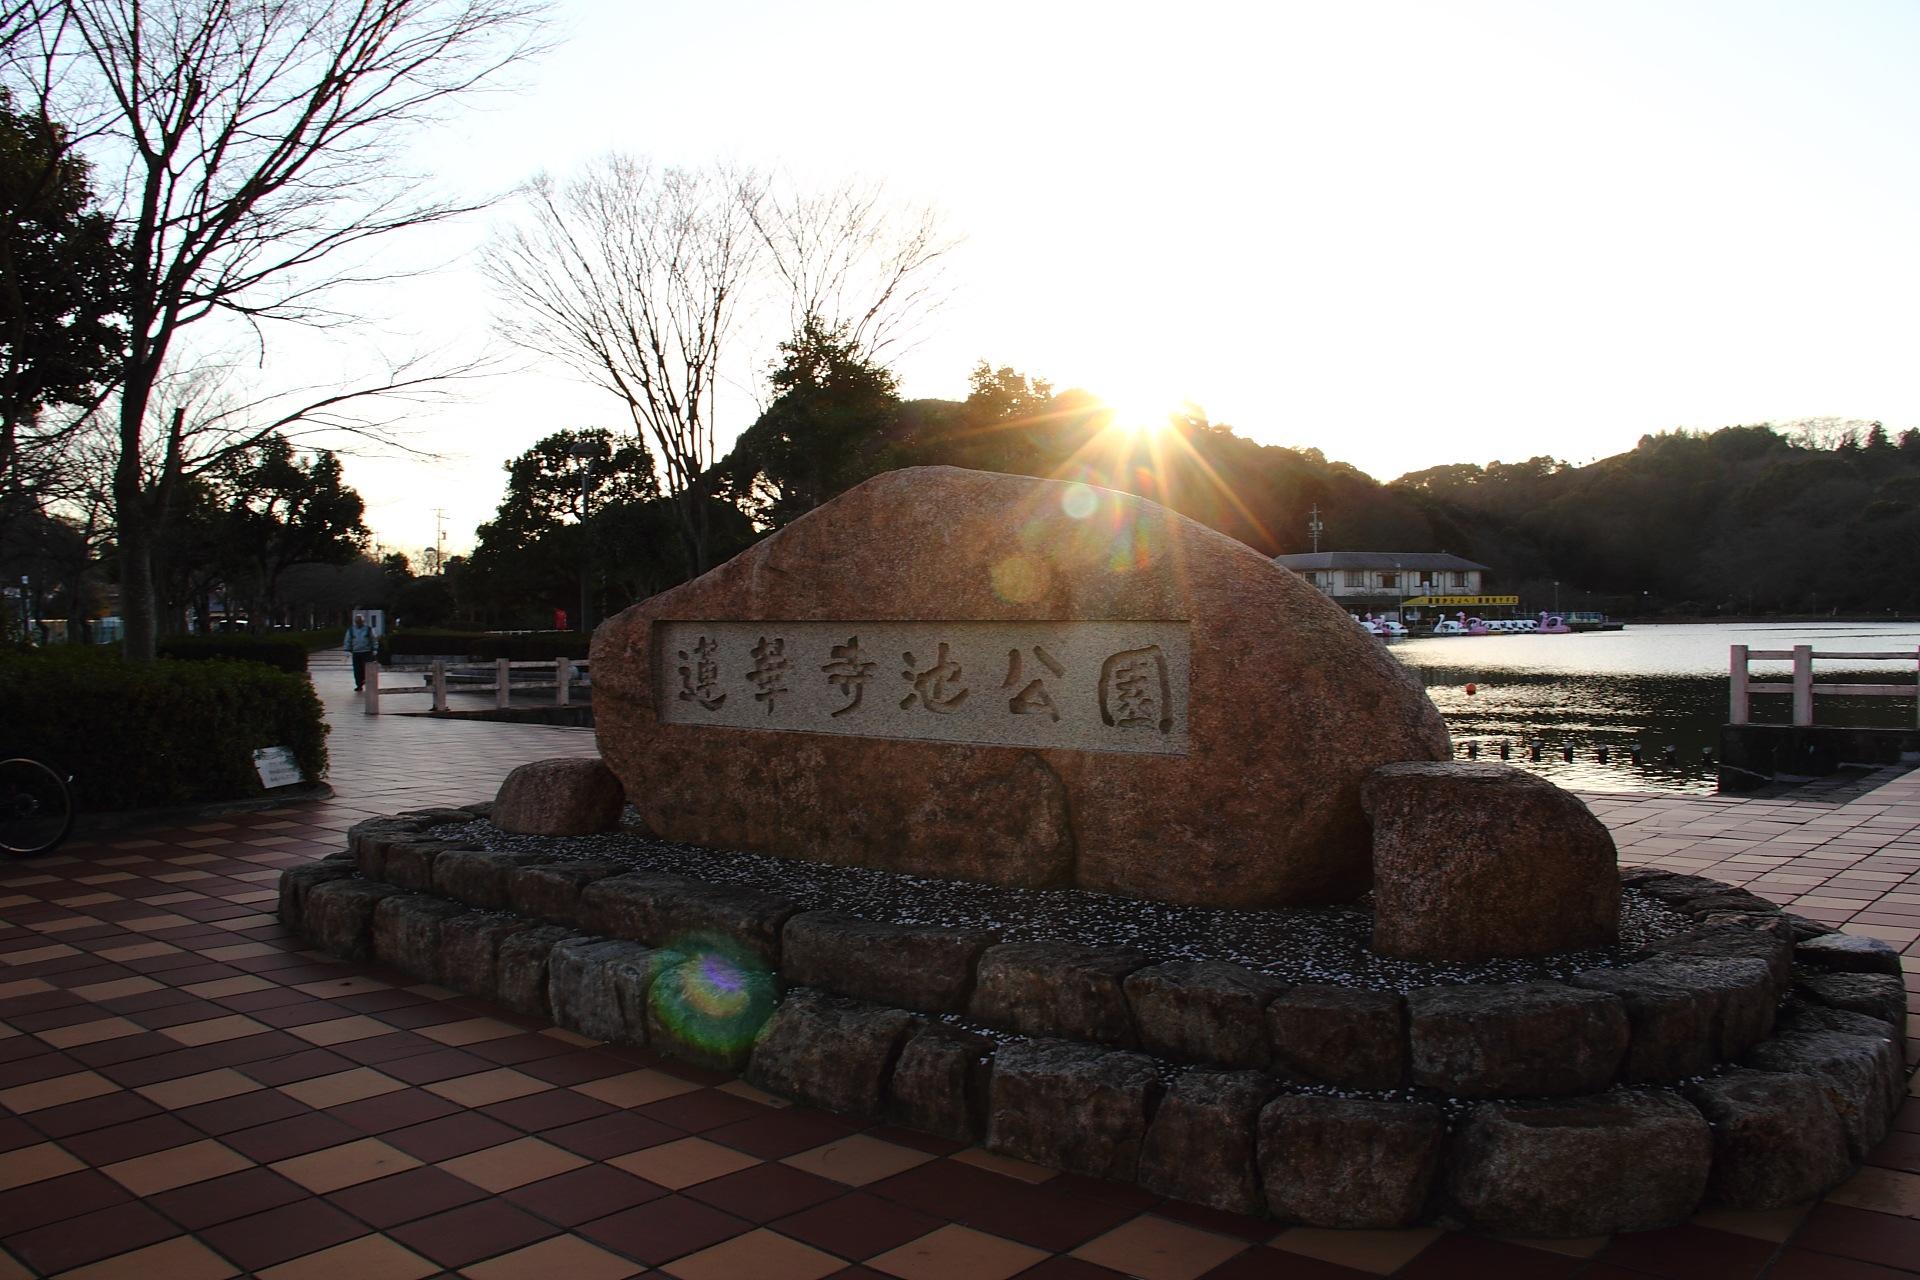 休日記[21] – 蓮花寺池公園・青葉通りのイルミネーション